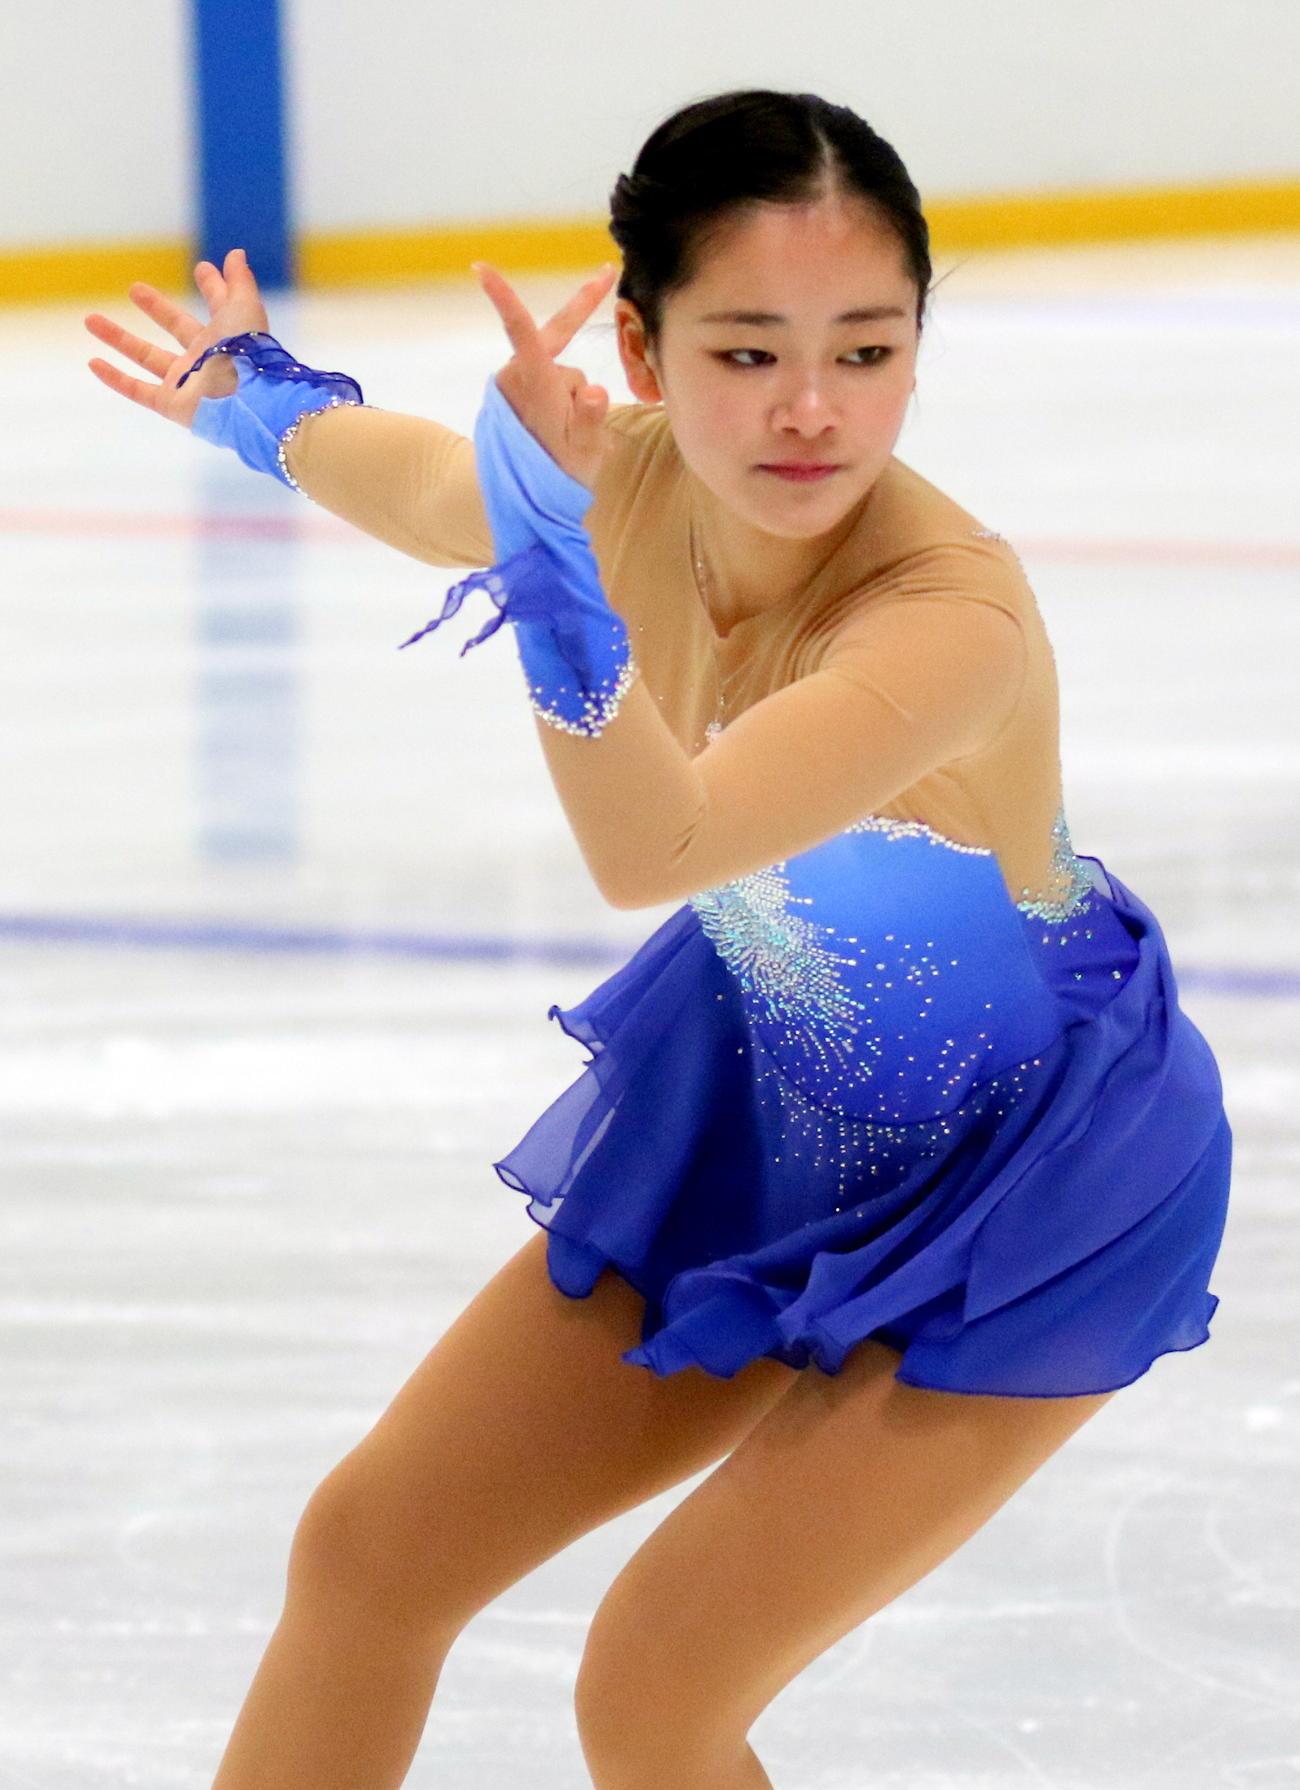 全国高校スケート選手権フィギュア競技 女子決勝(フリー)を終えて5位に入賞した青森山田3年の渡辺倫果(撮影・木下淳)